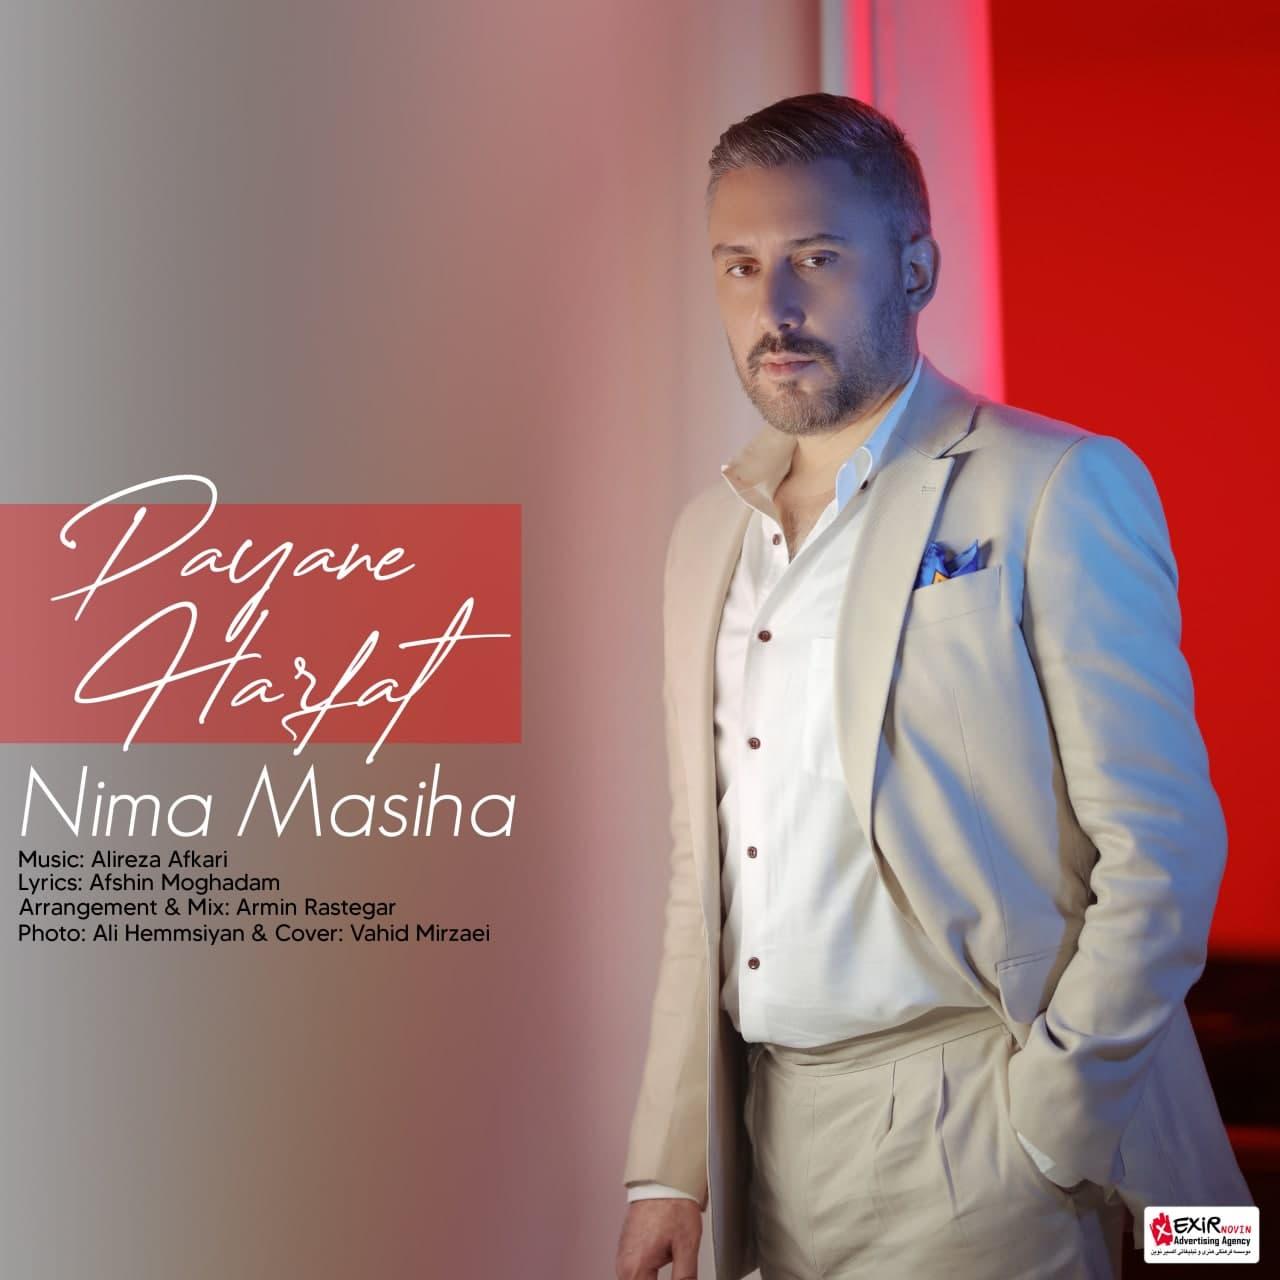 دانلود موزیک جدید نیما مسیحا پایانِ حرفات